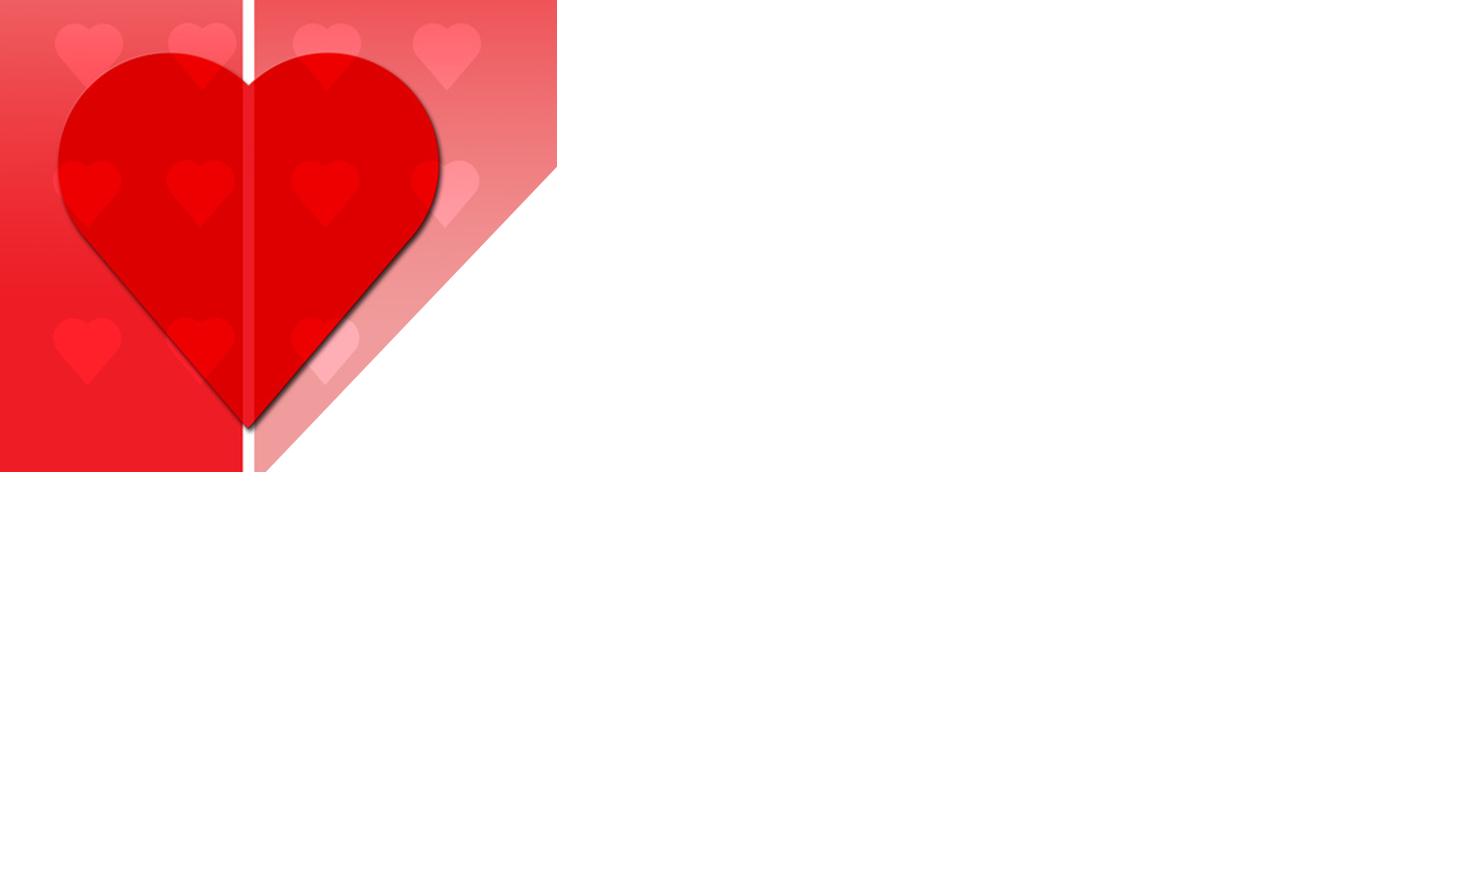 Dárkový poukaz srdce 2